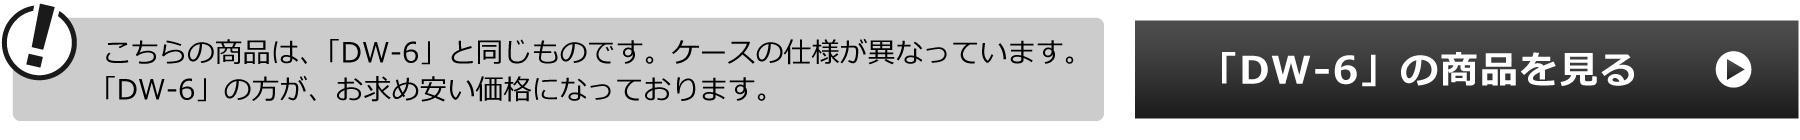 クリスタルガラスペーパーウェイト ミニトロフィー・ミニ表彰盾 DW-6